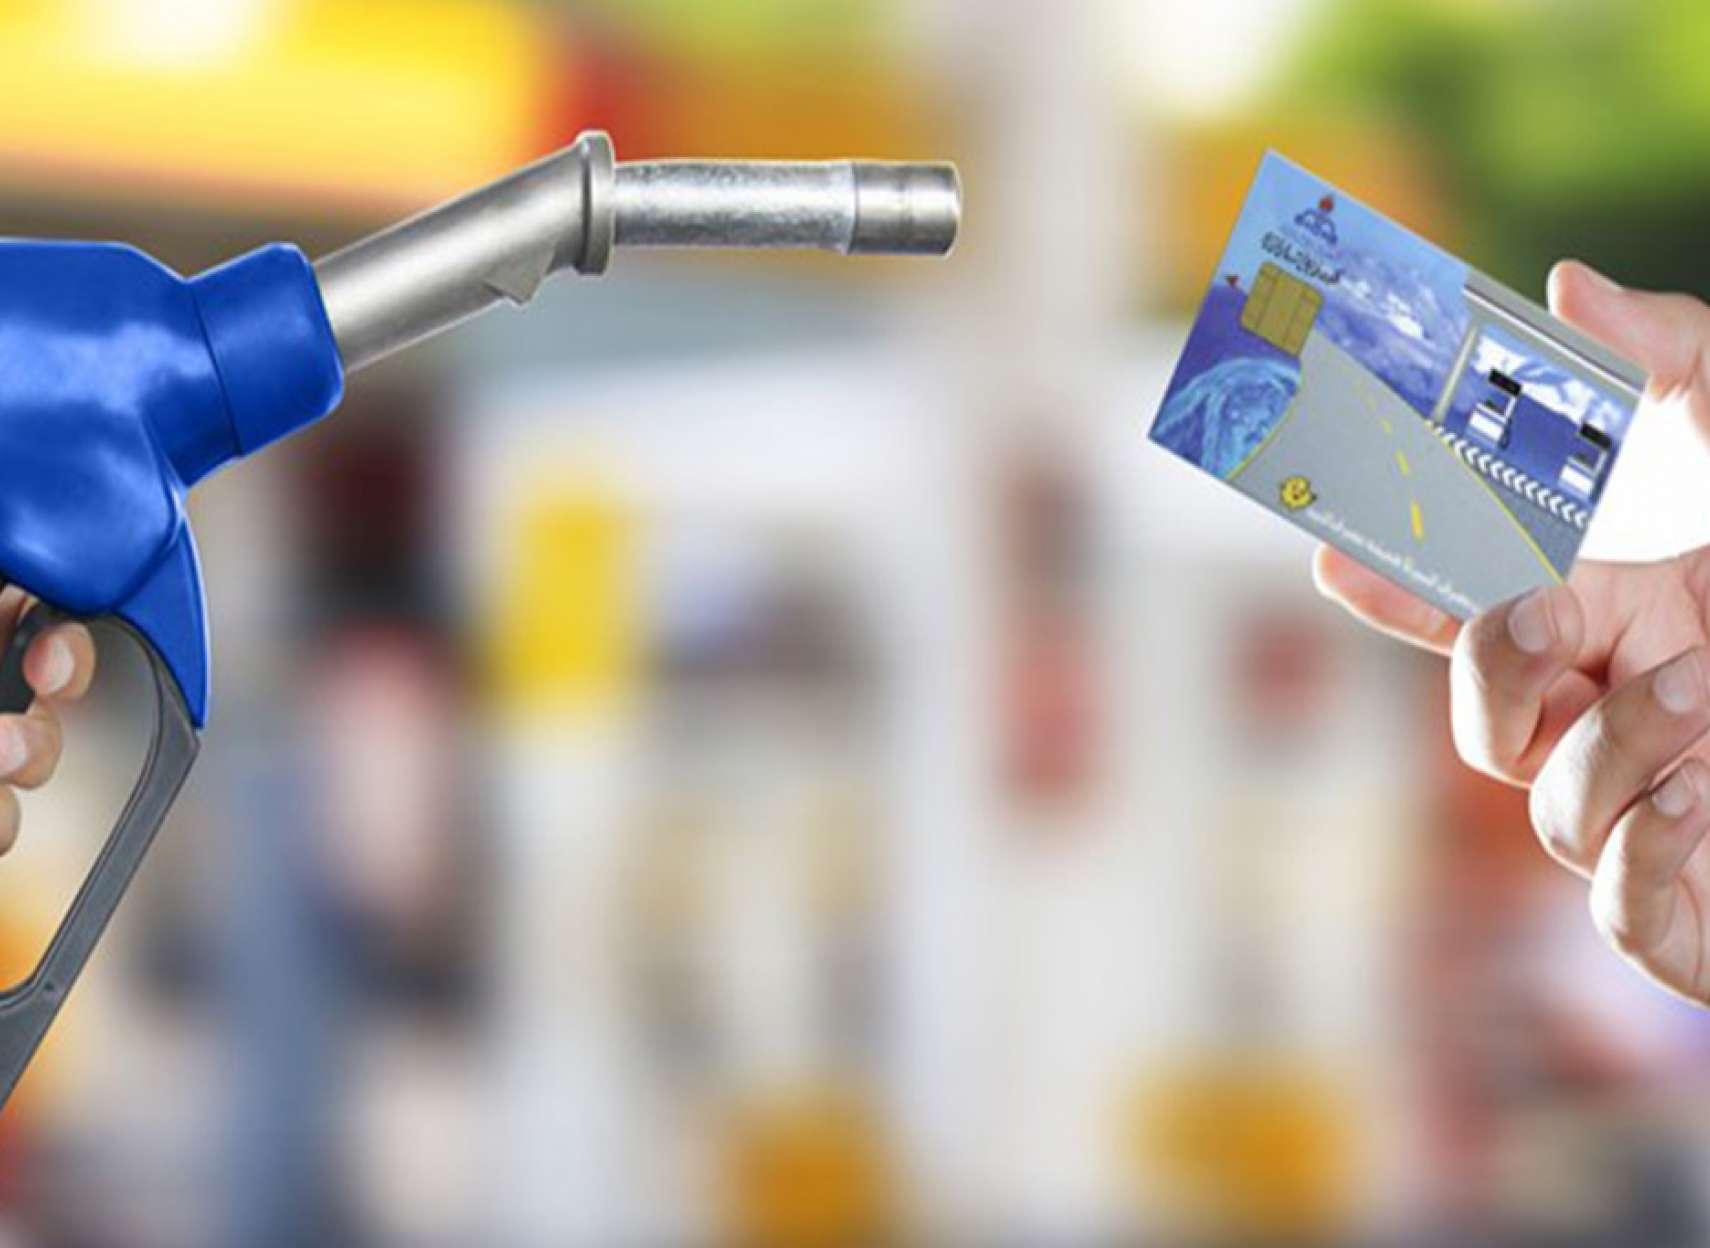 اقتصاد-تنباکویی-بنزین-در-سال-آینده-سهمیهبندی-میشود